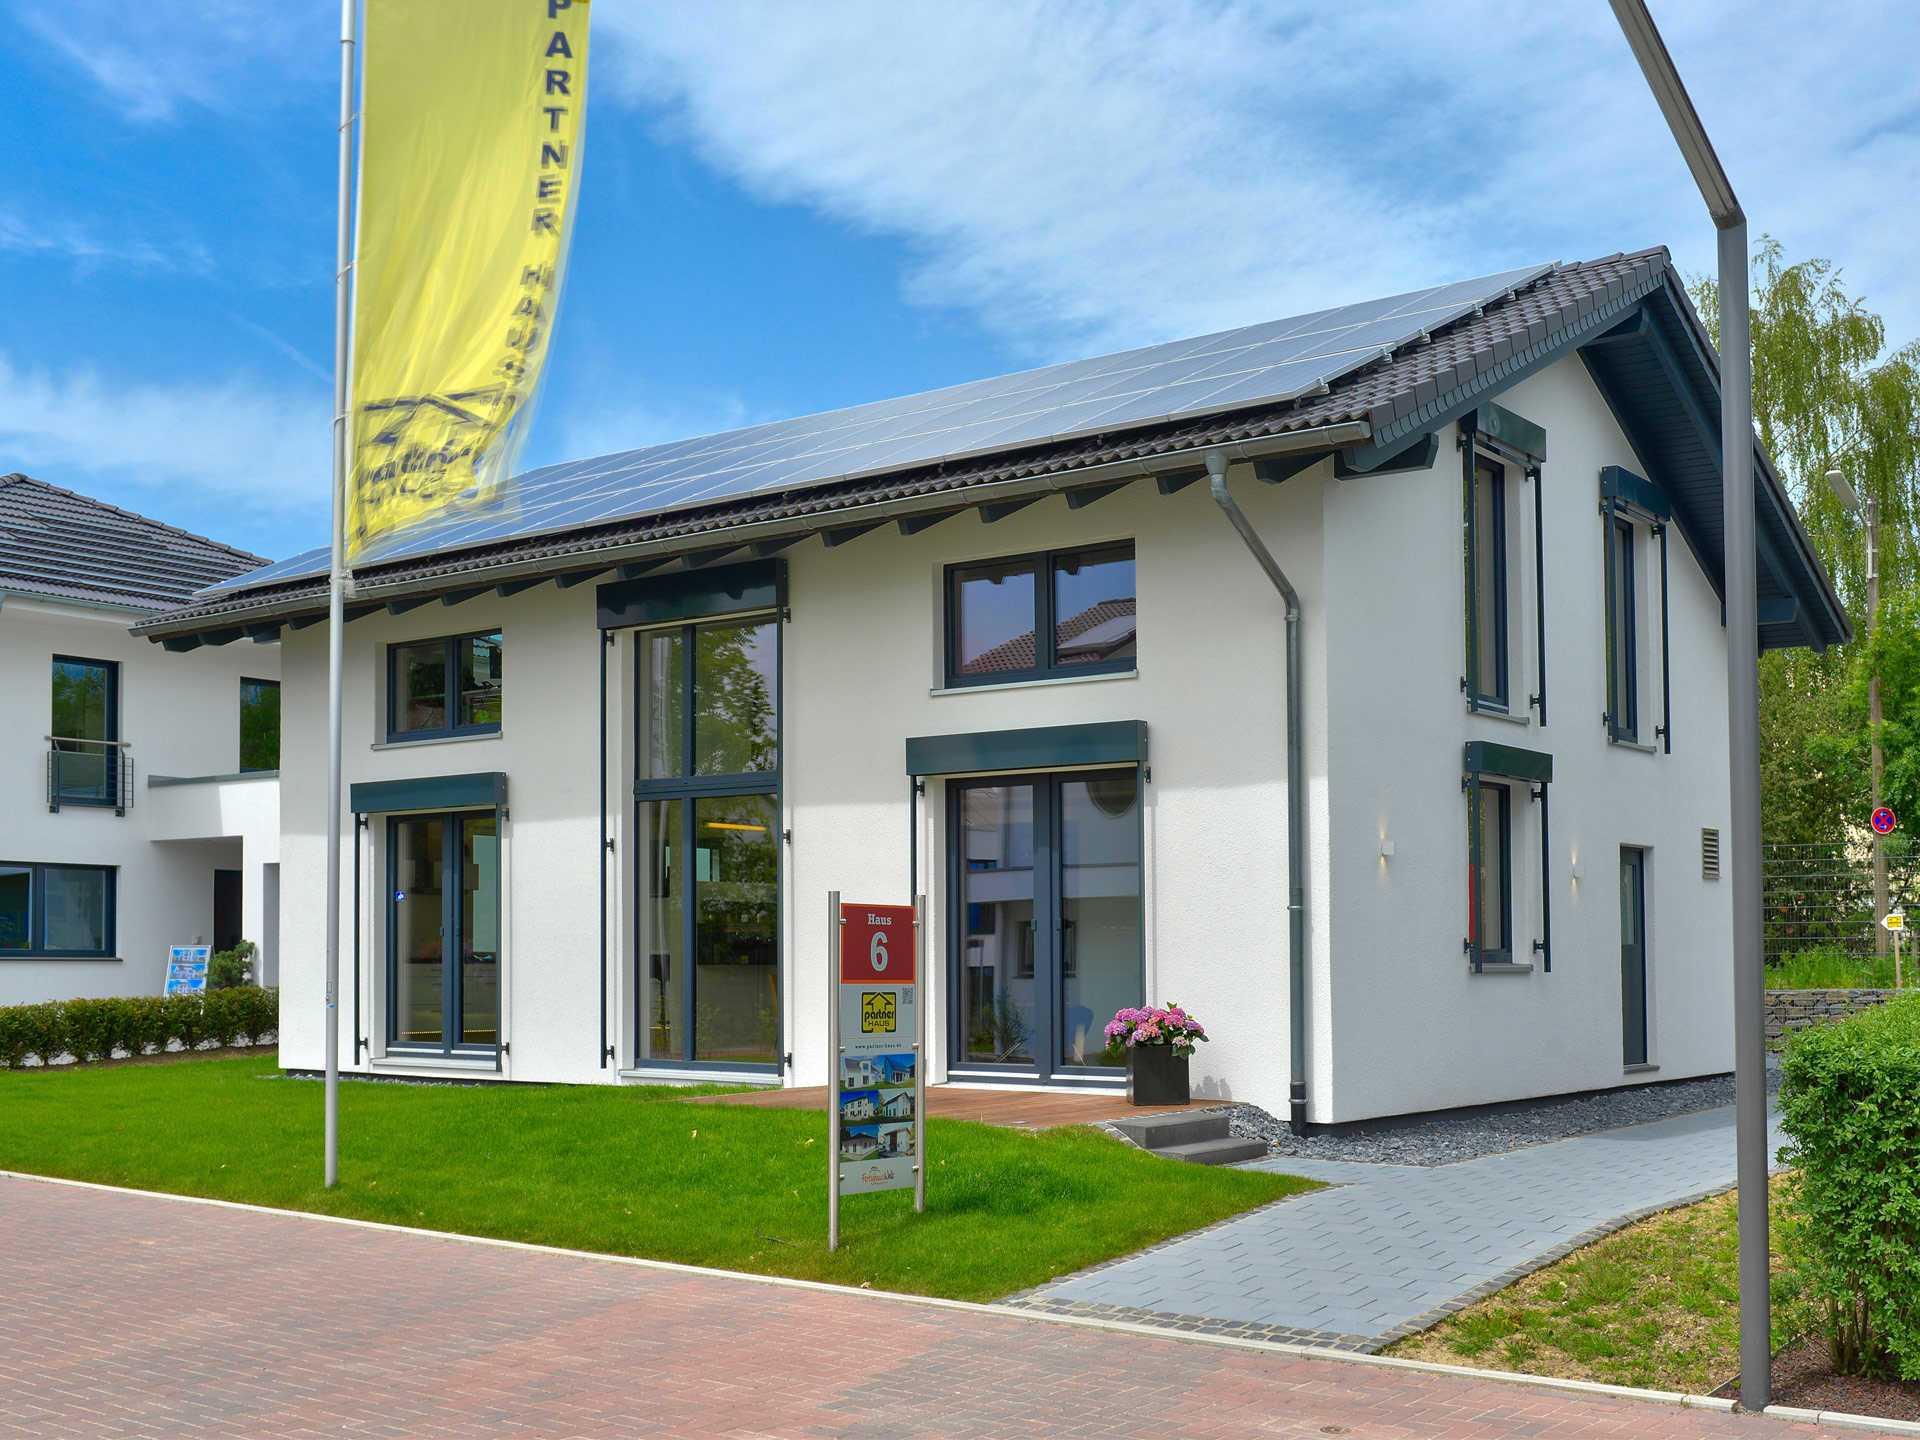 Musterhauspark Wuppertal wuppertal partner haus